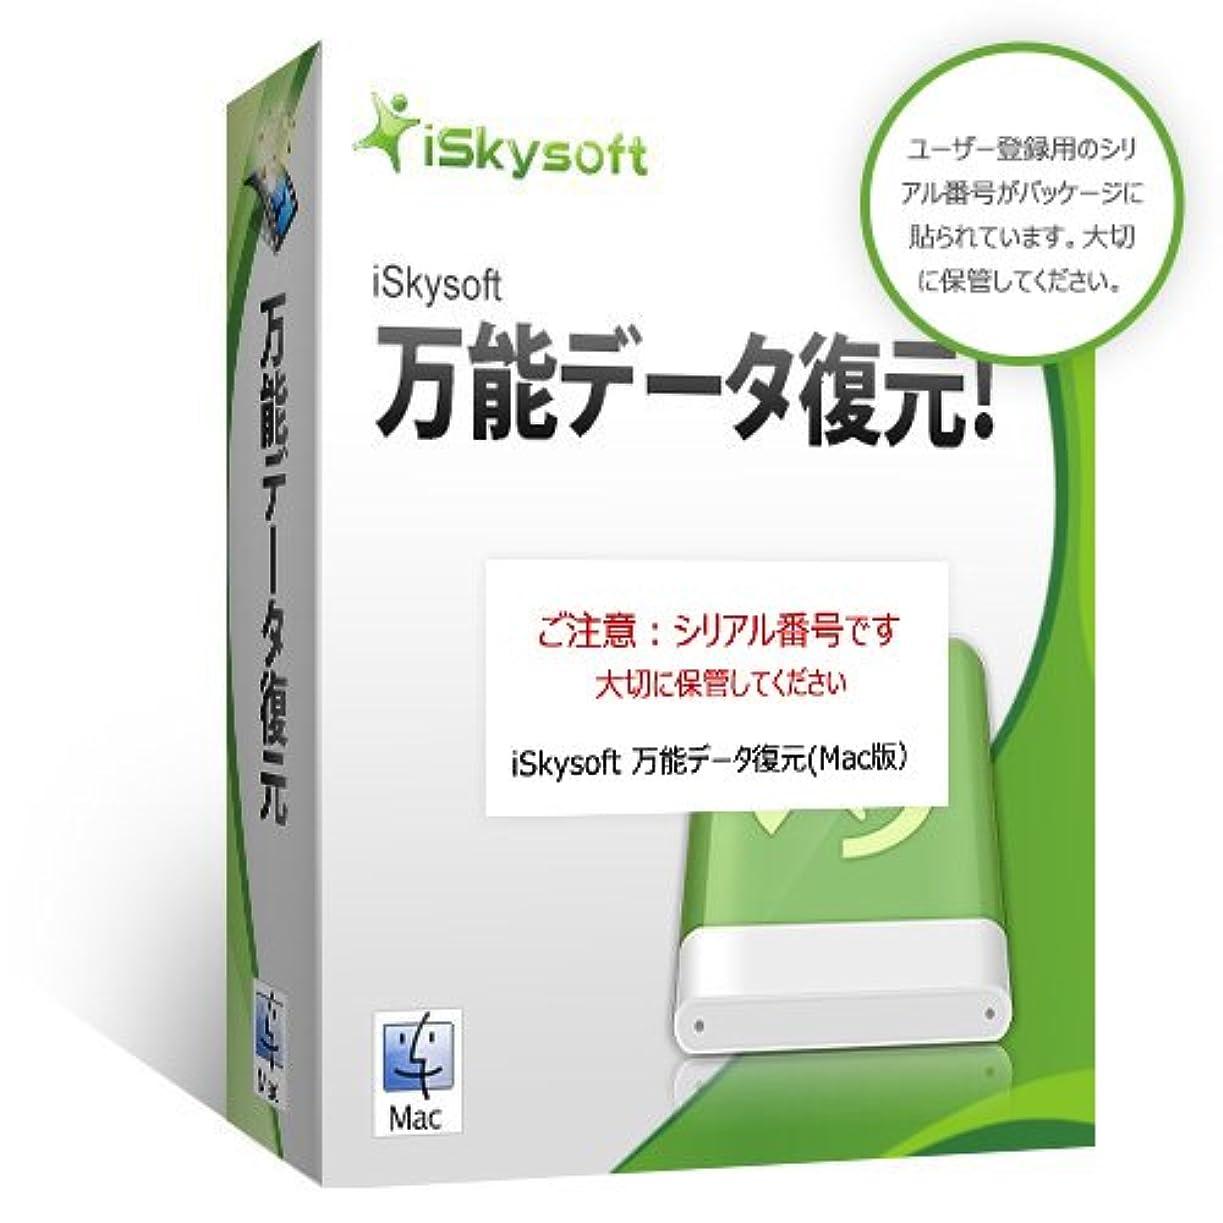 気分が良い流用する安心させるiSkysoft 万能データ復元!for Mac MacのHDD、ゴミ箱から削除されたデータ 復元 ビデオ 写真 電子メール sdカード 外付けHDD 復元